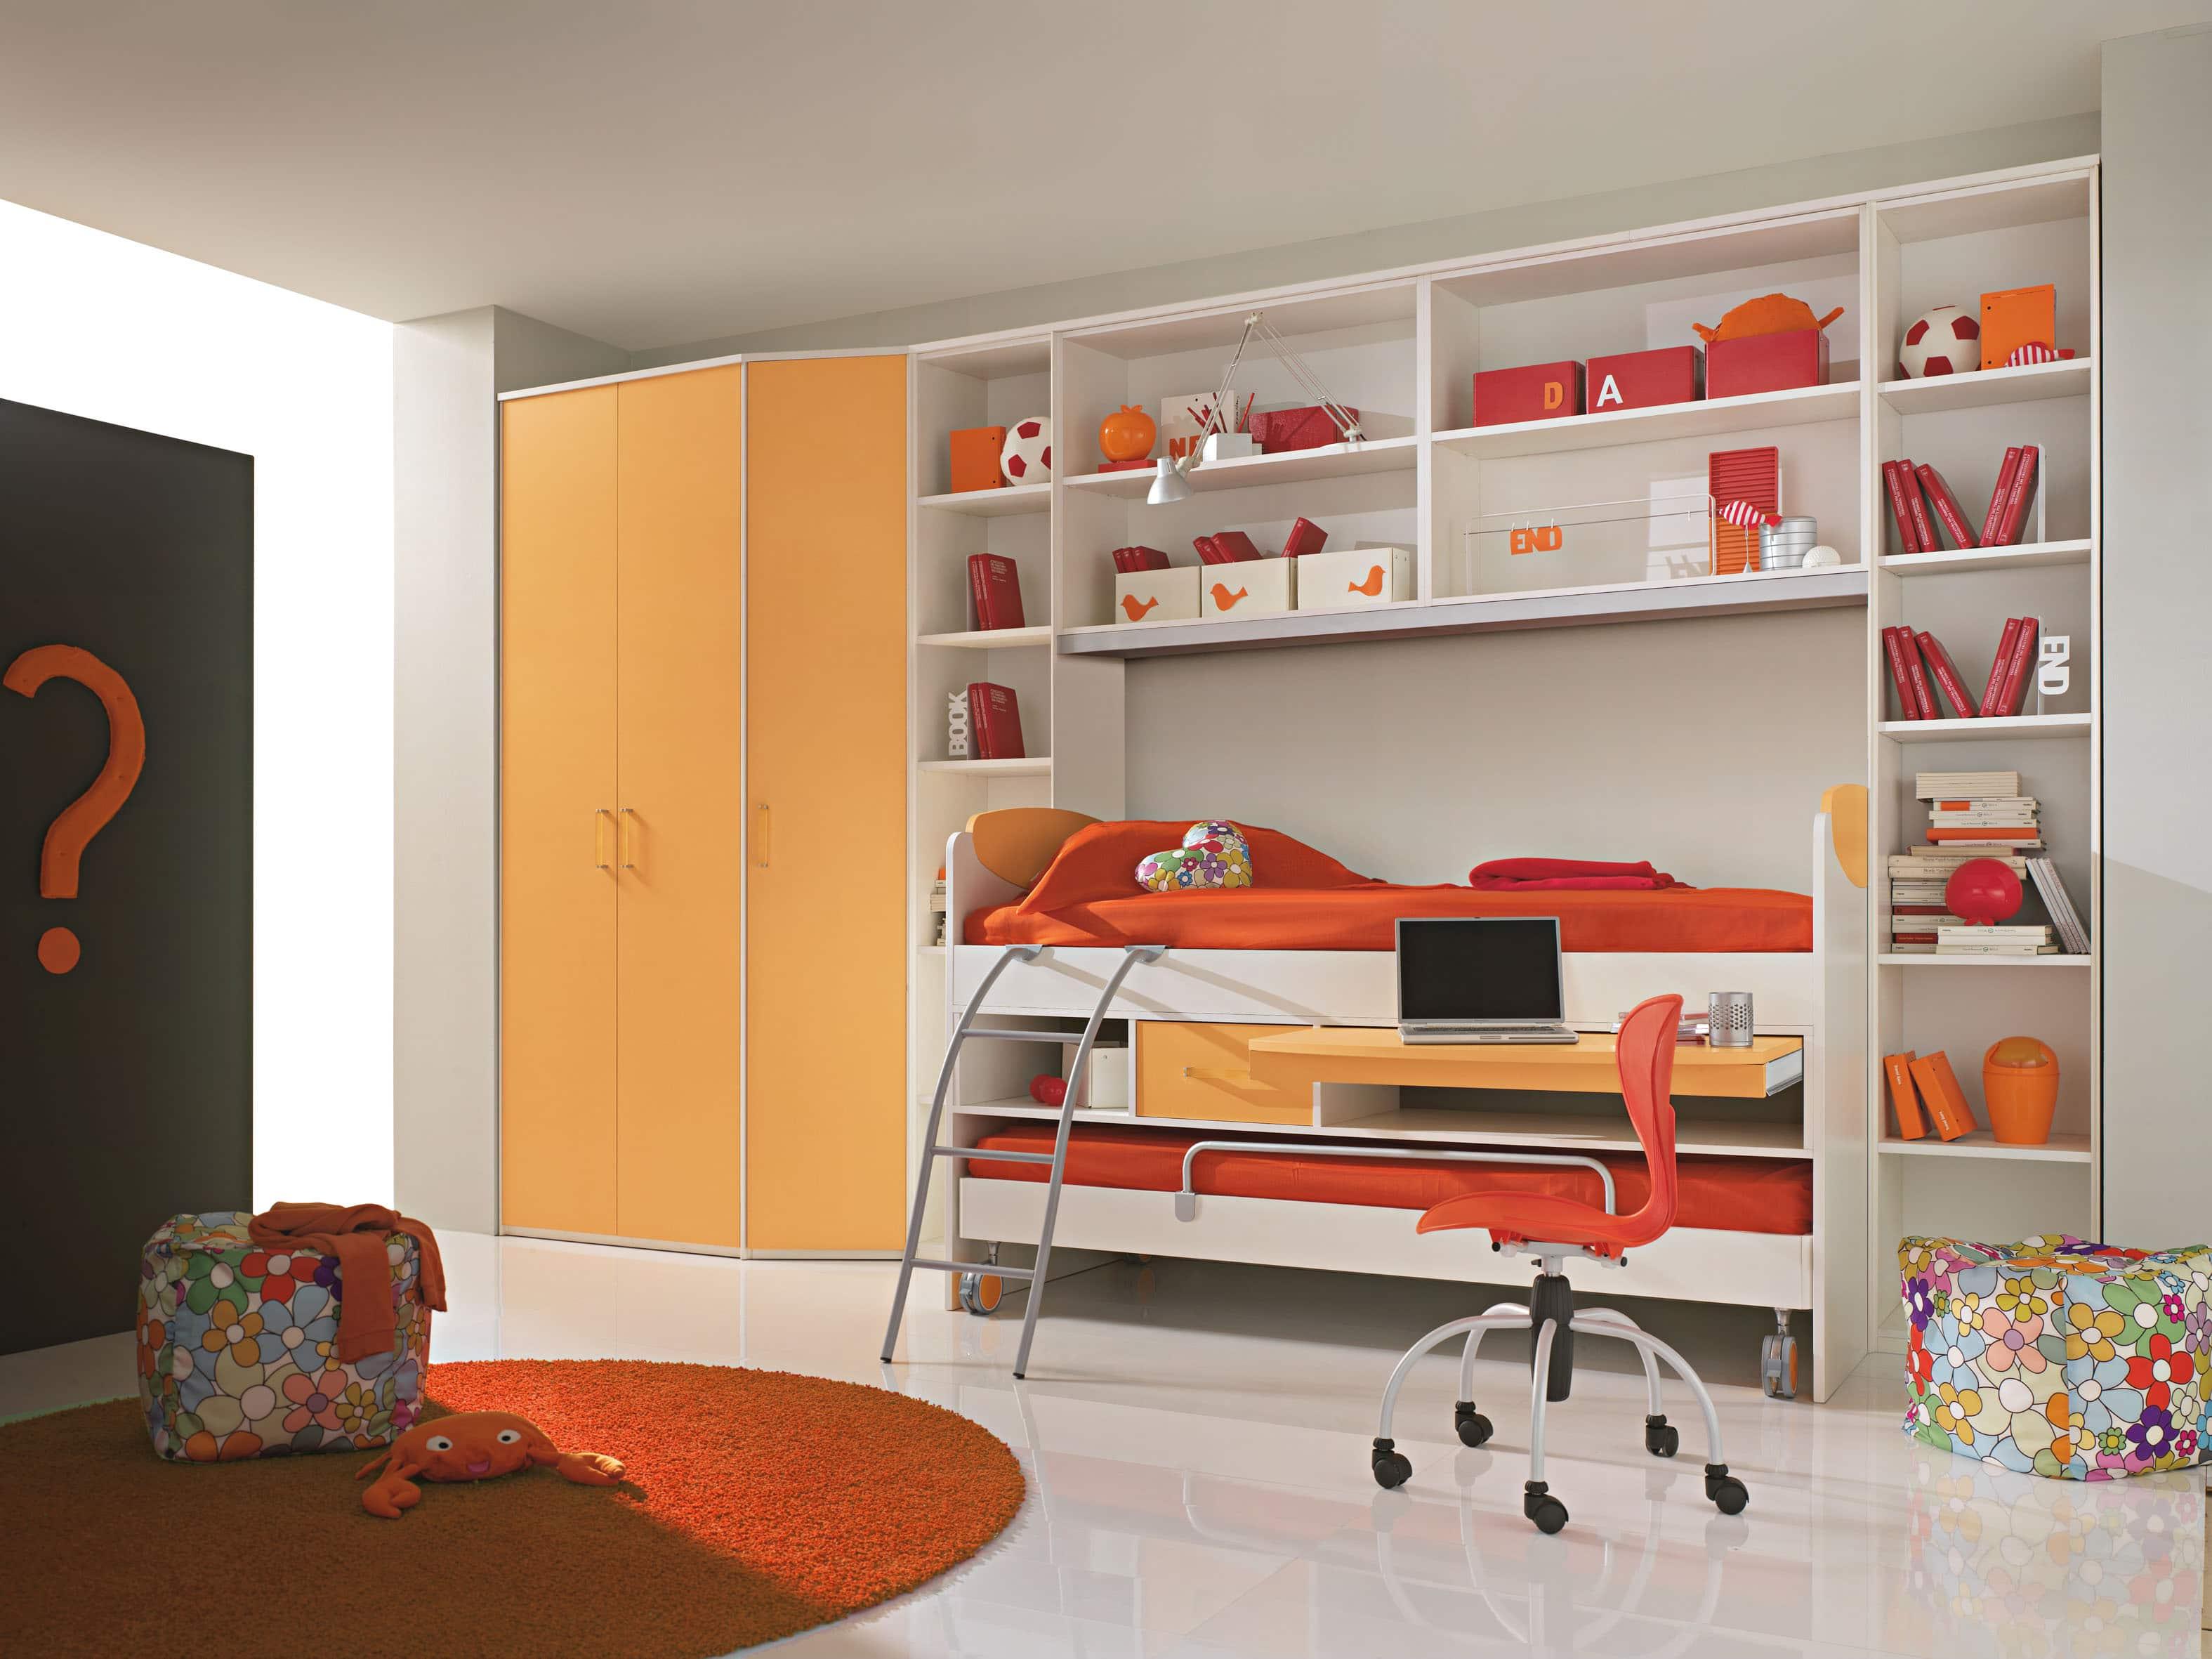 Habitaciones juveniles originales 80 ideas para tus hijos - Entrancing pictures of red black and white teenage bedroom decorating design ideas ...